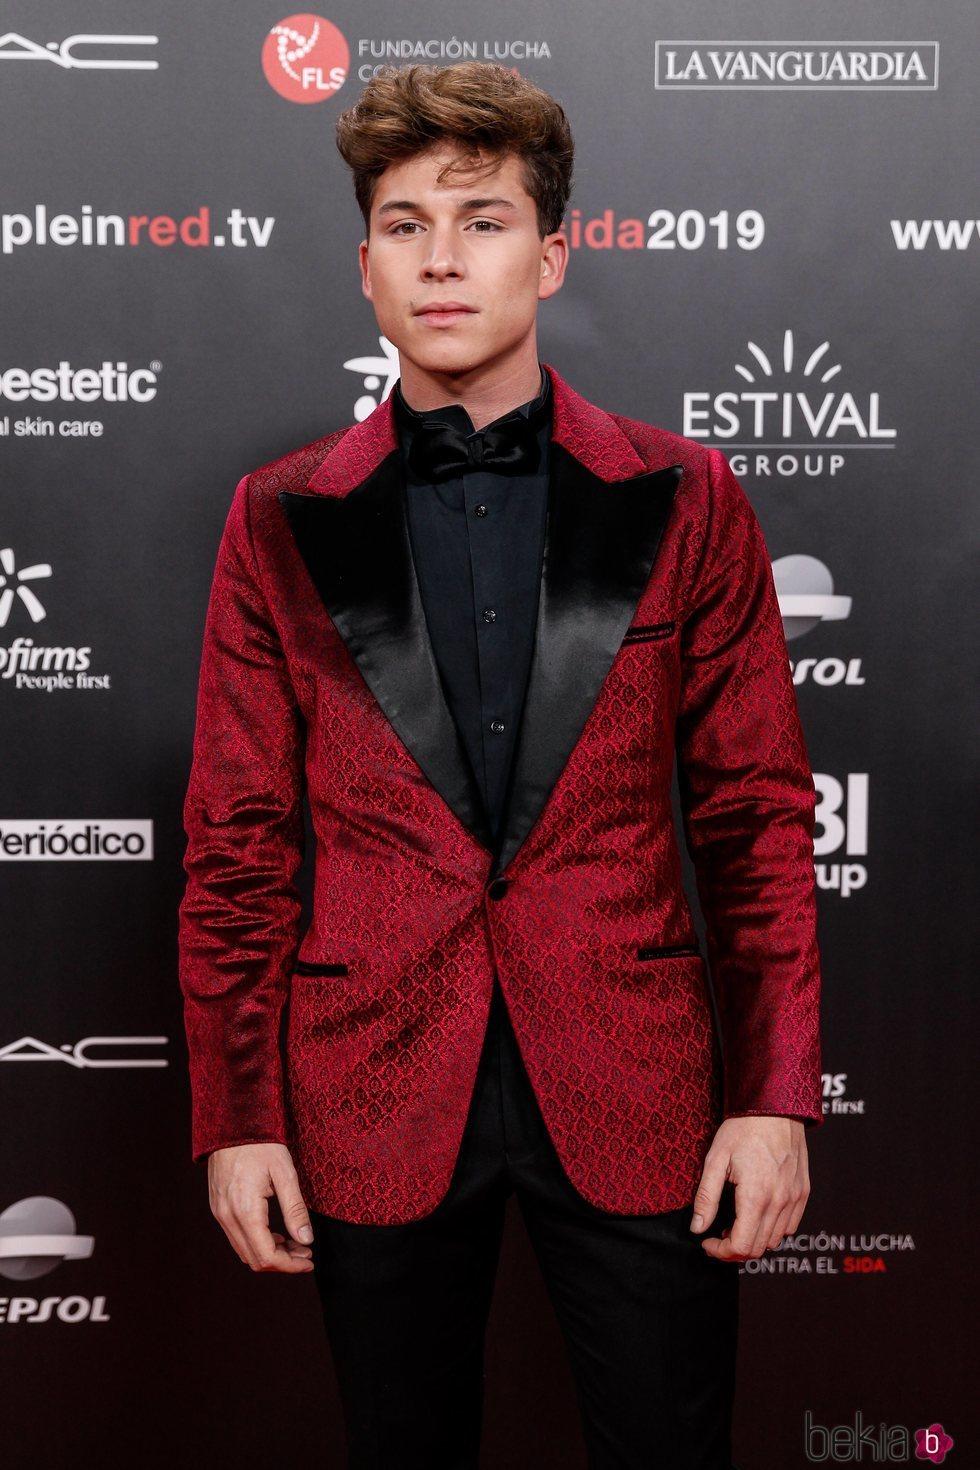 Raoul Vázquez en la gala People in Red 2019